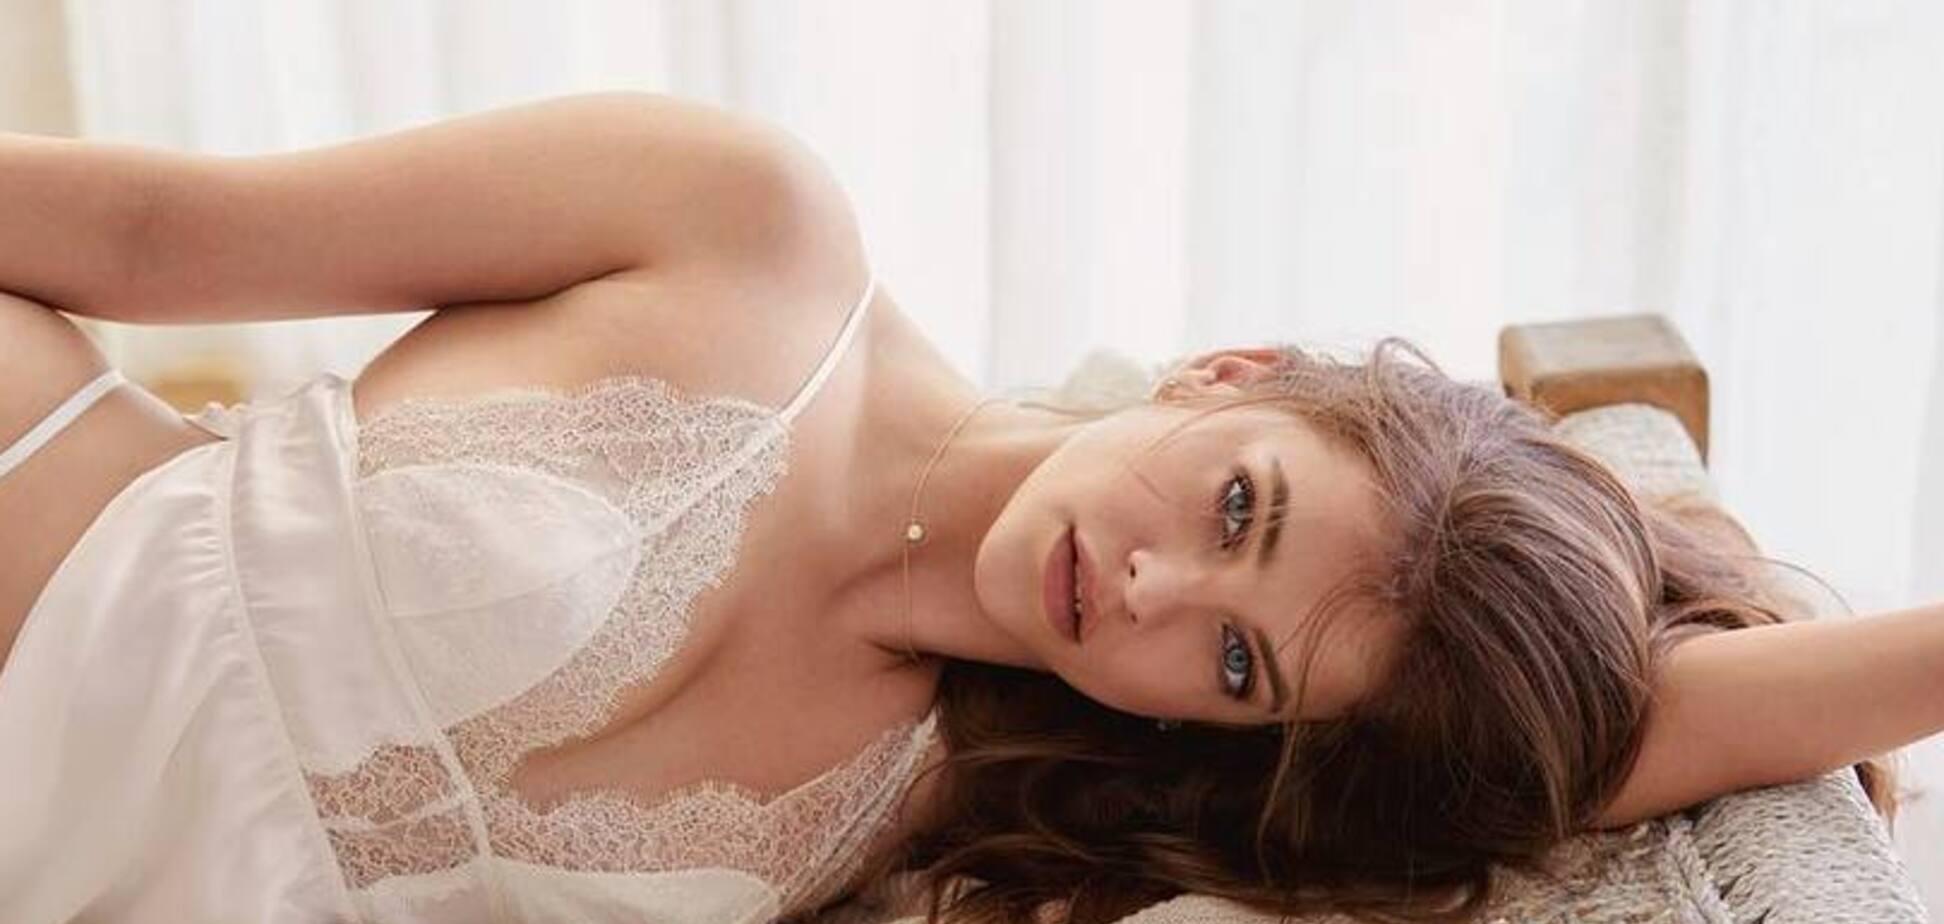 Новый 'ангел' Victoria's Secret разделась в пикантной фотосессии: знойные снимки